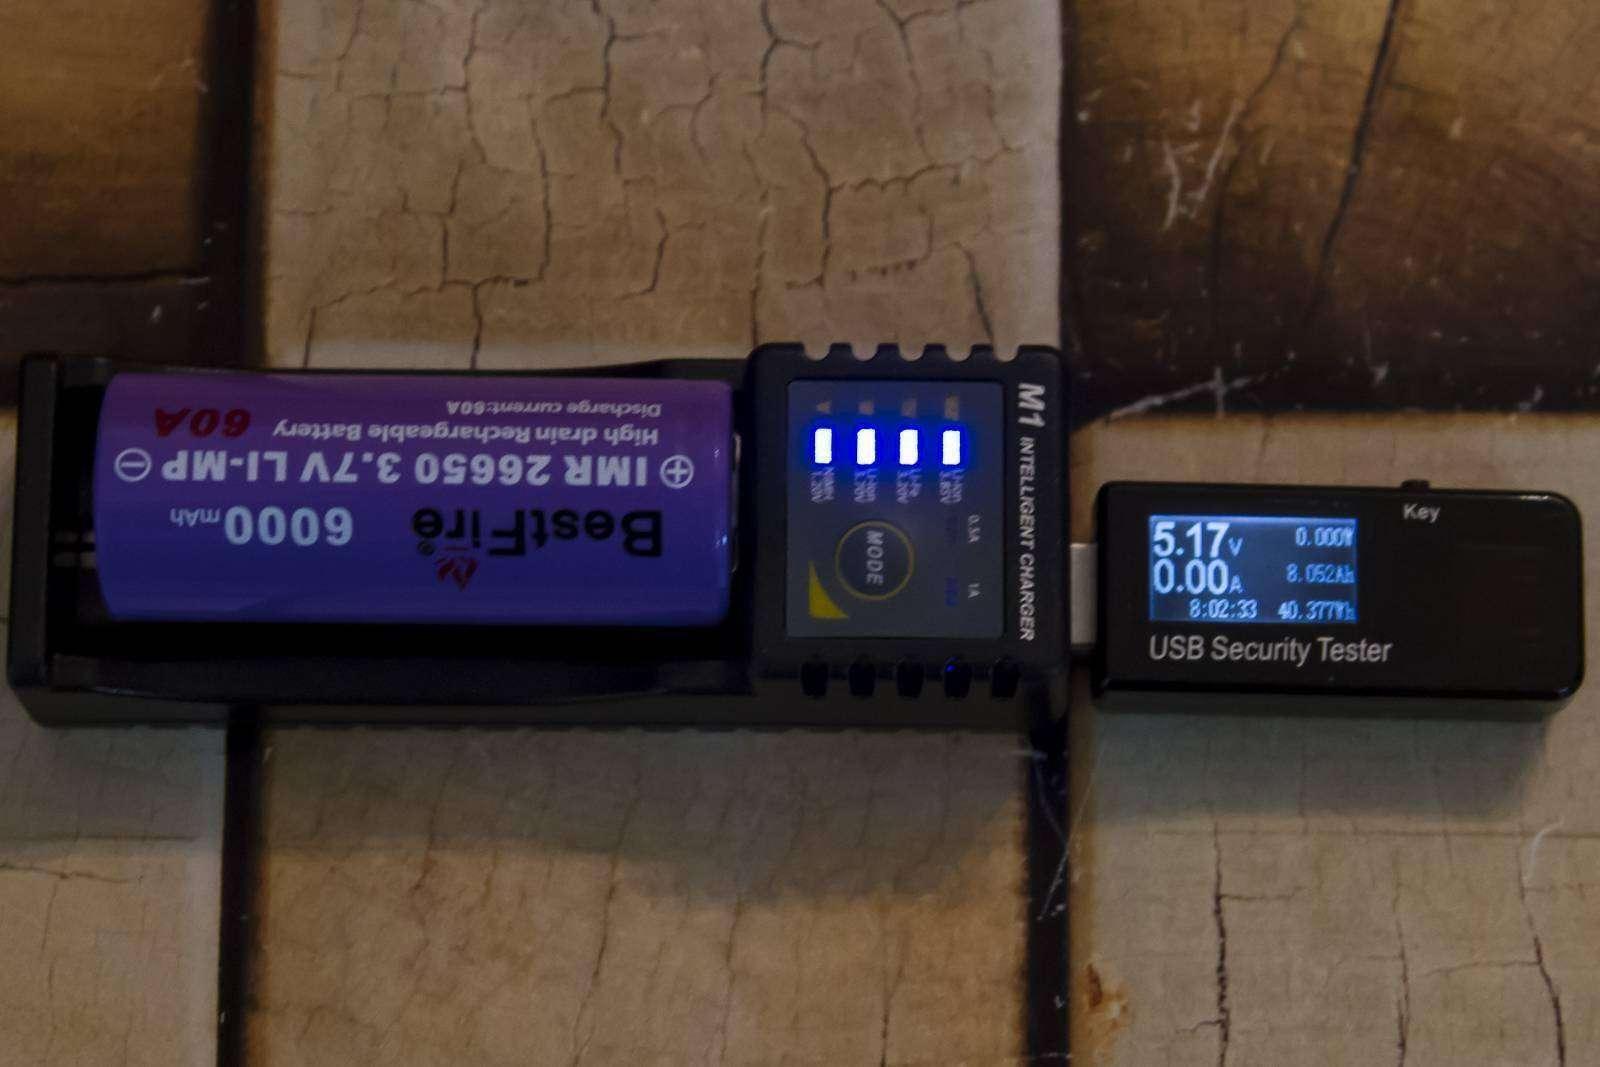 GearBest: Недорогие домашние зарядки, часть 3 - Skilhunt M1